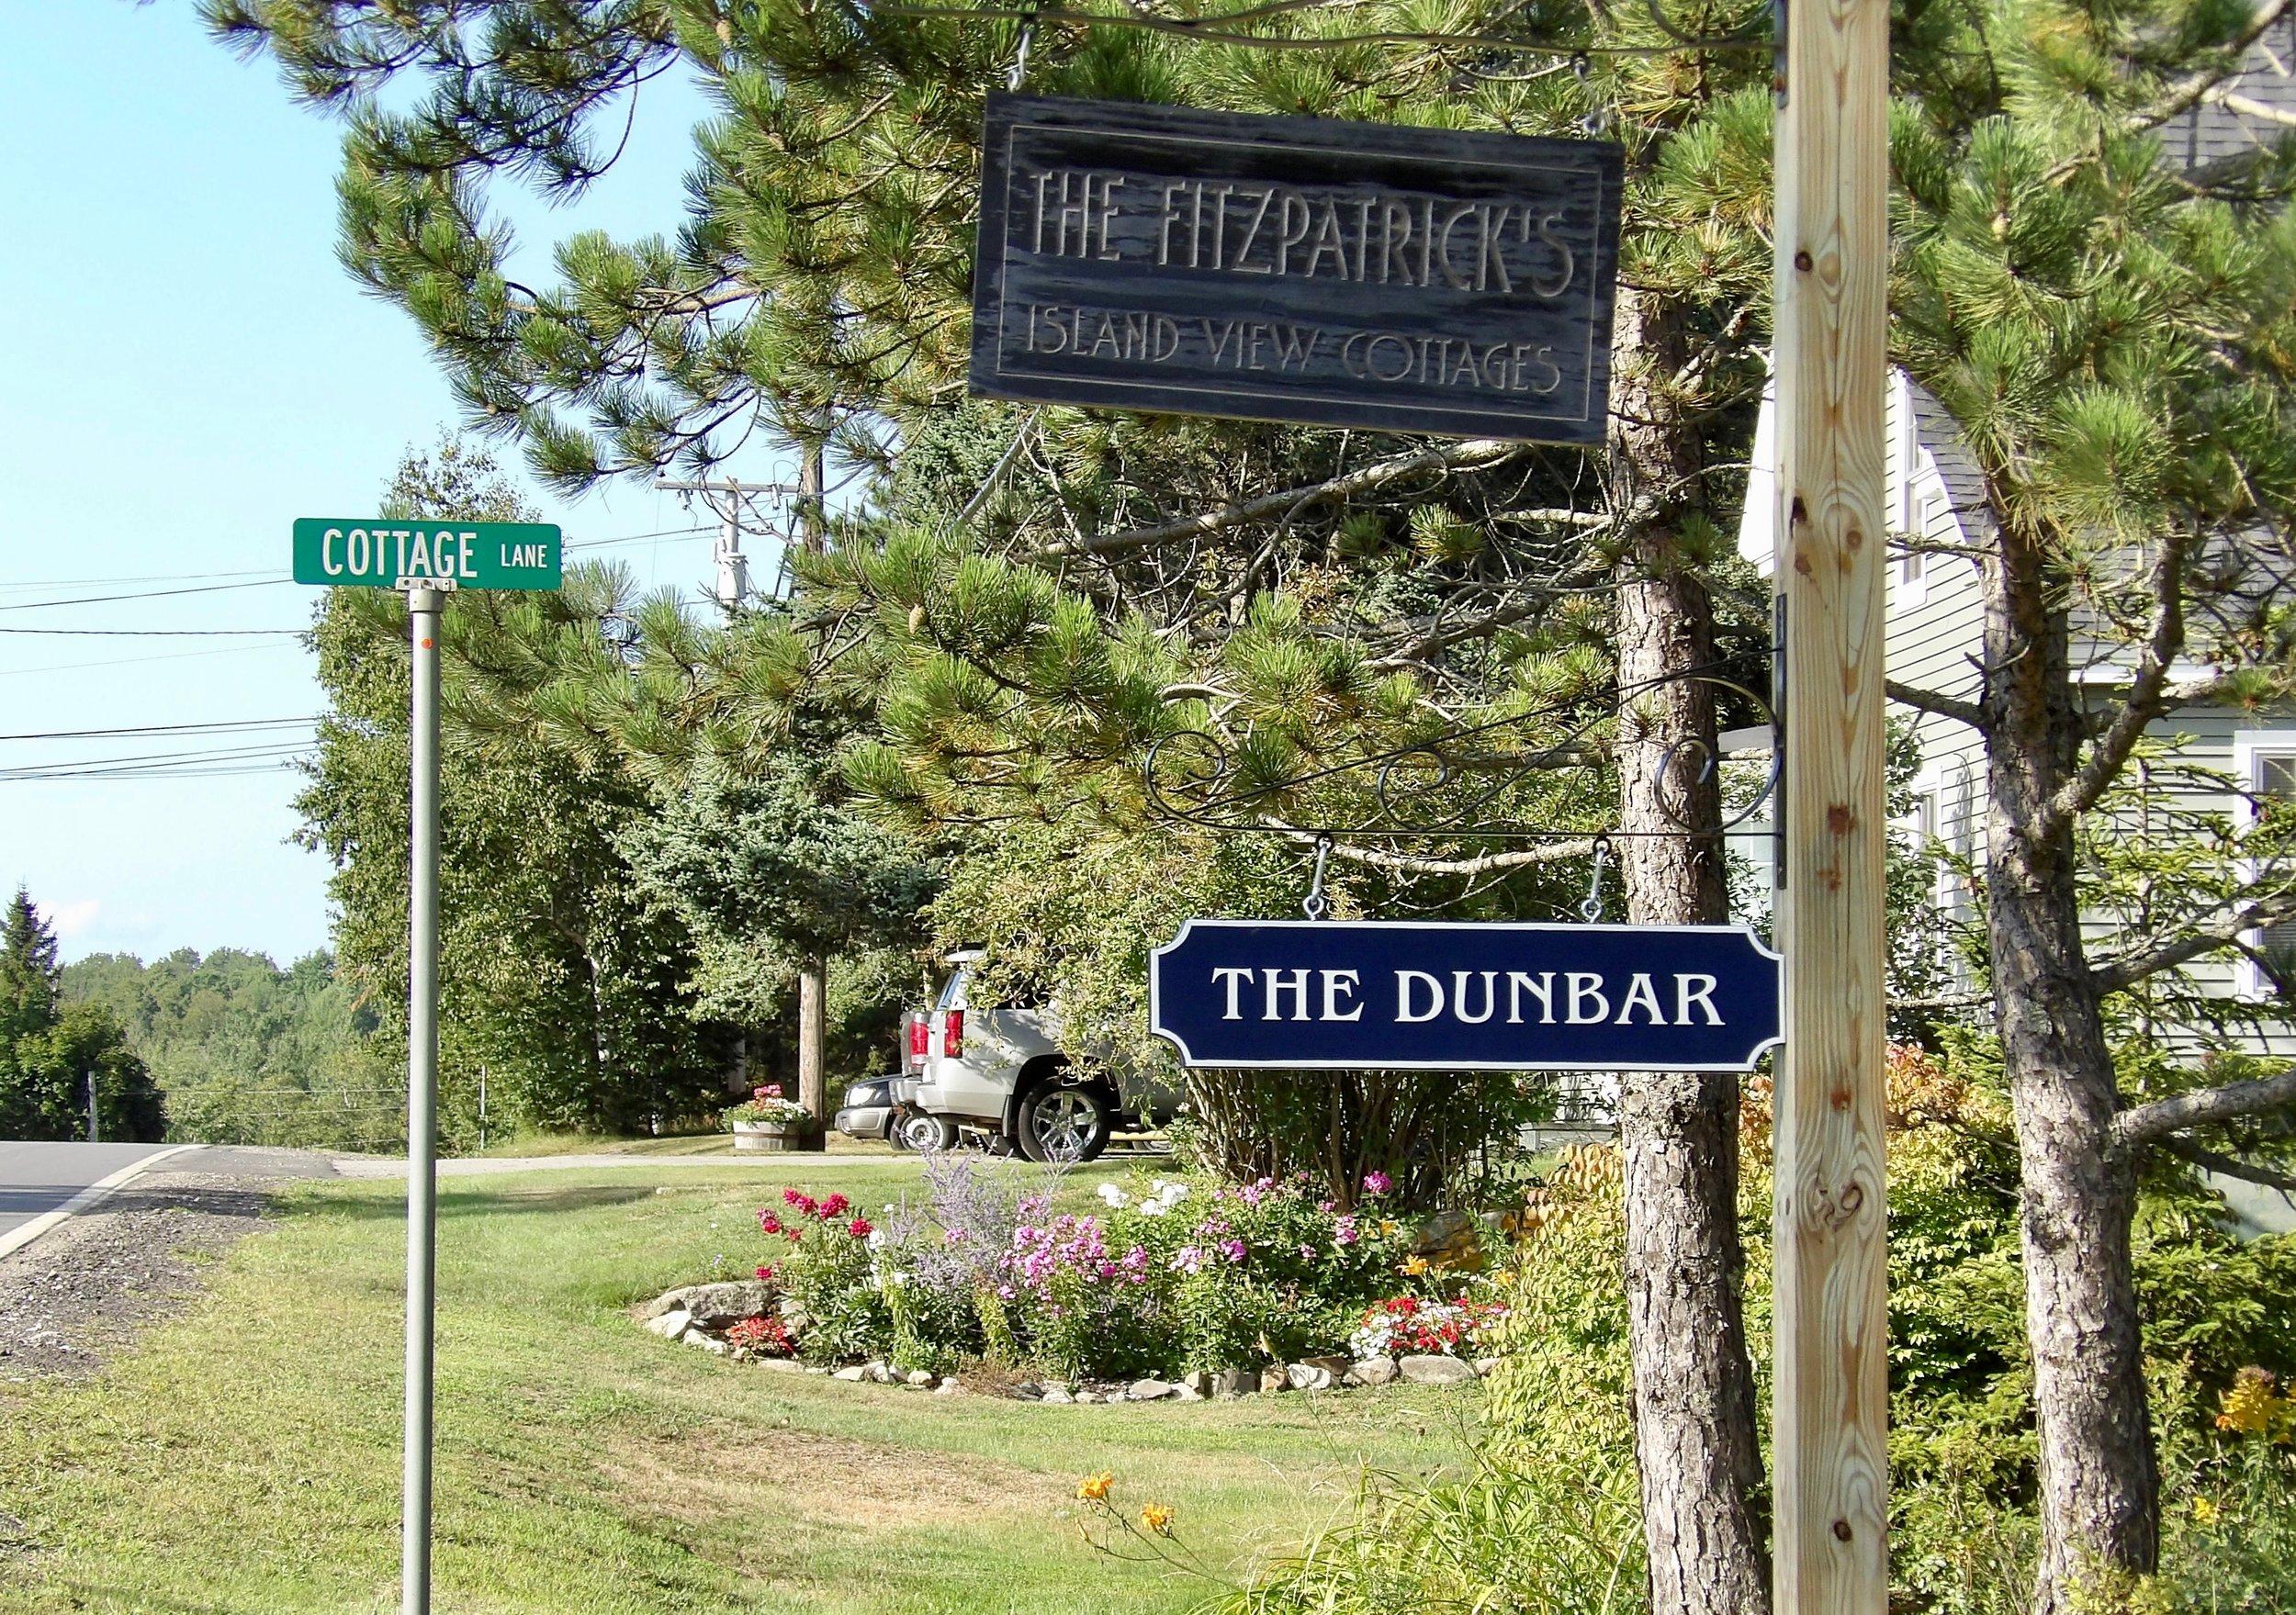 DunbarSignWideShot.jpg